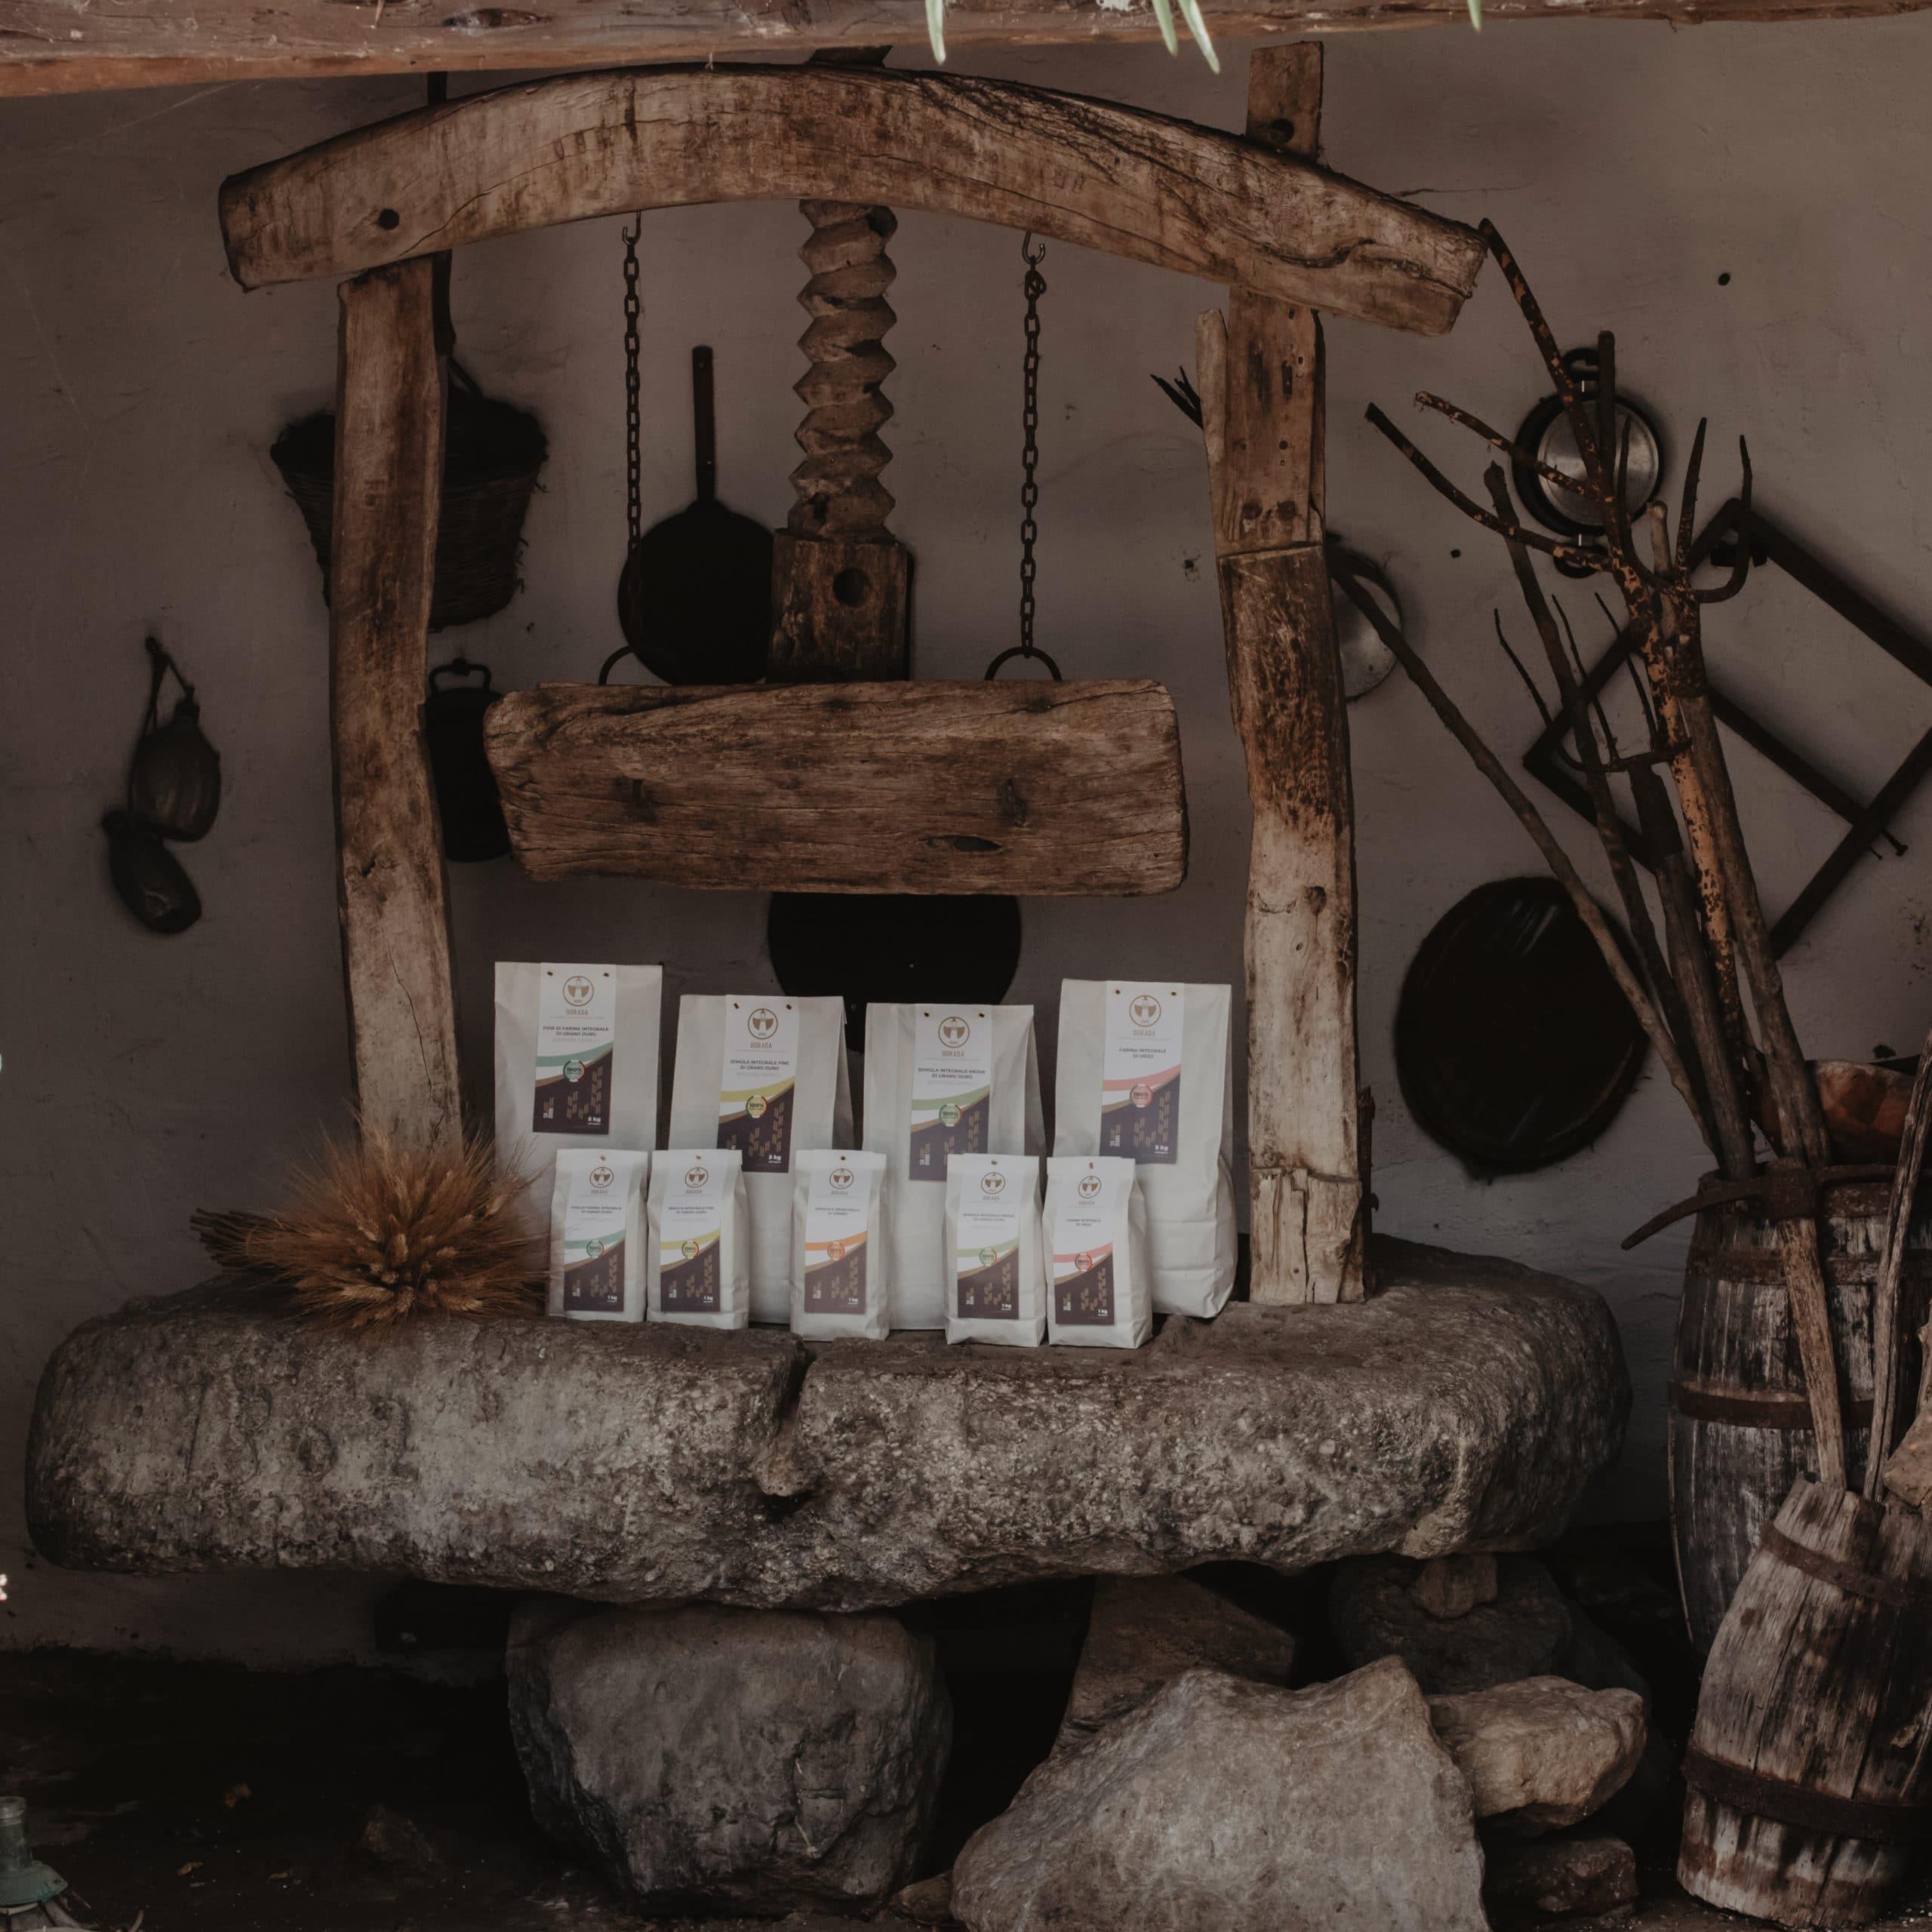 prodotti mulino artigianale Su Mori